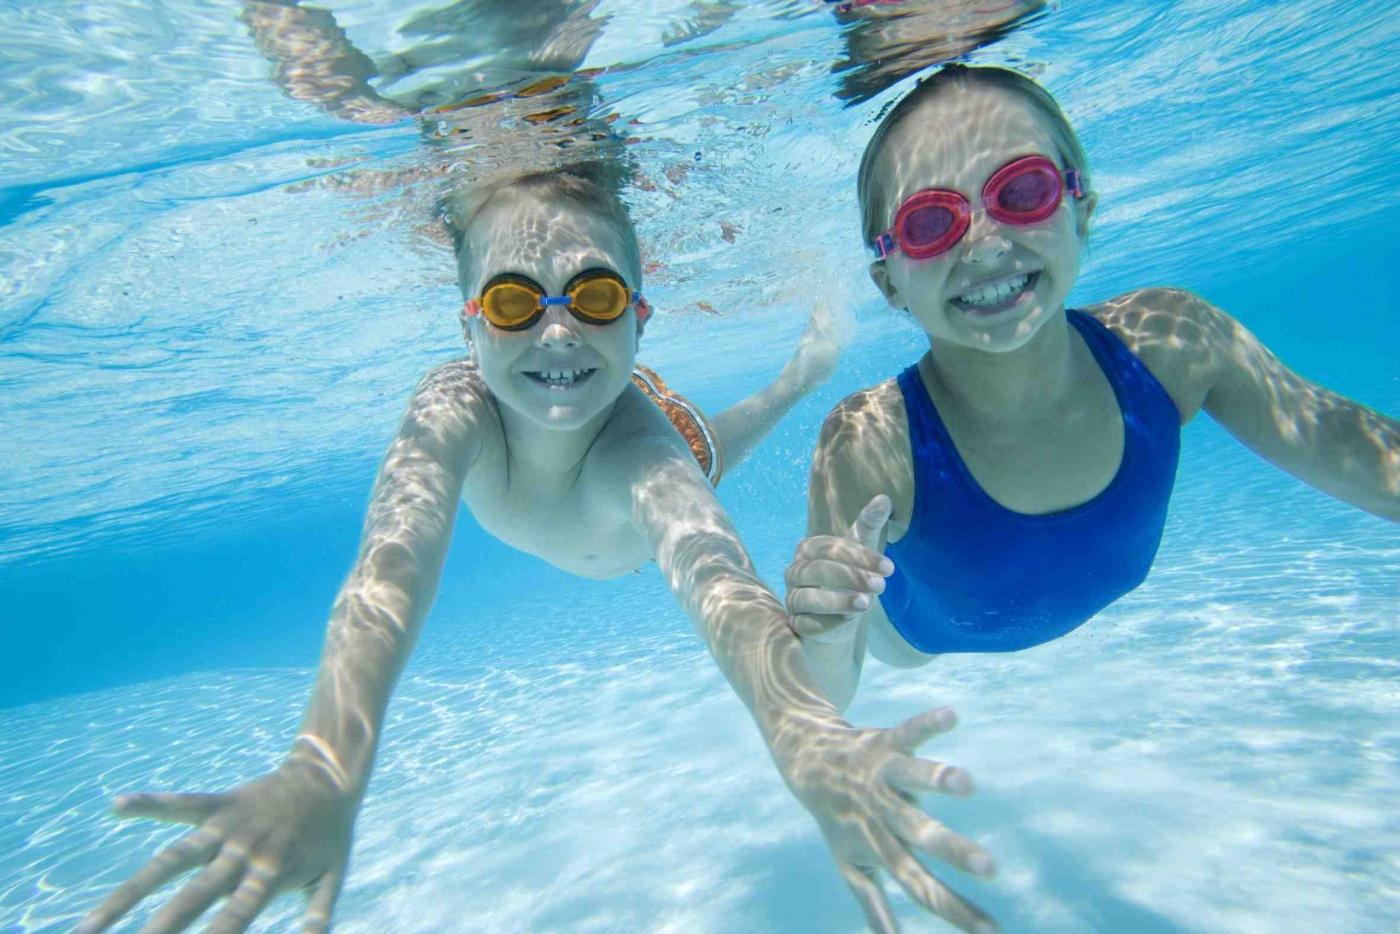 5375-Enfants-a-la-piscine-179817-e1432890228910